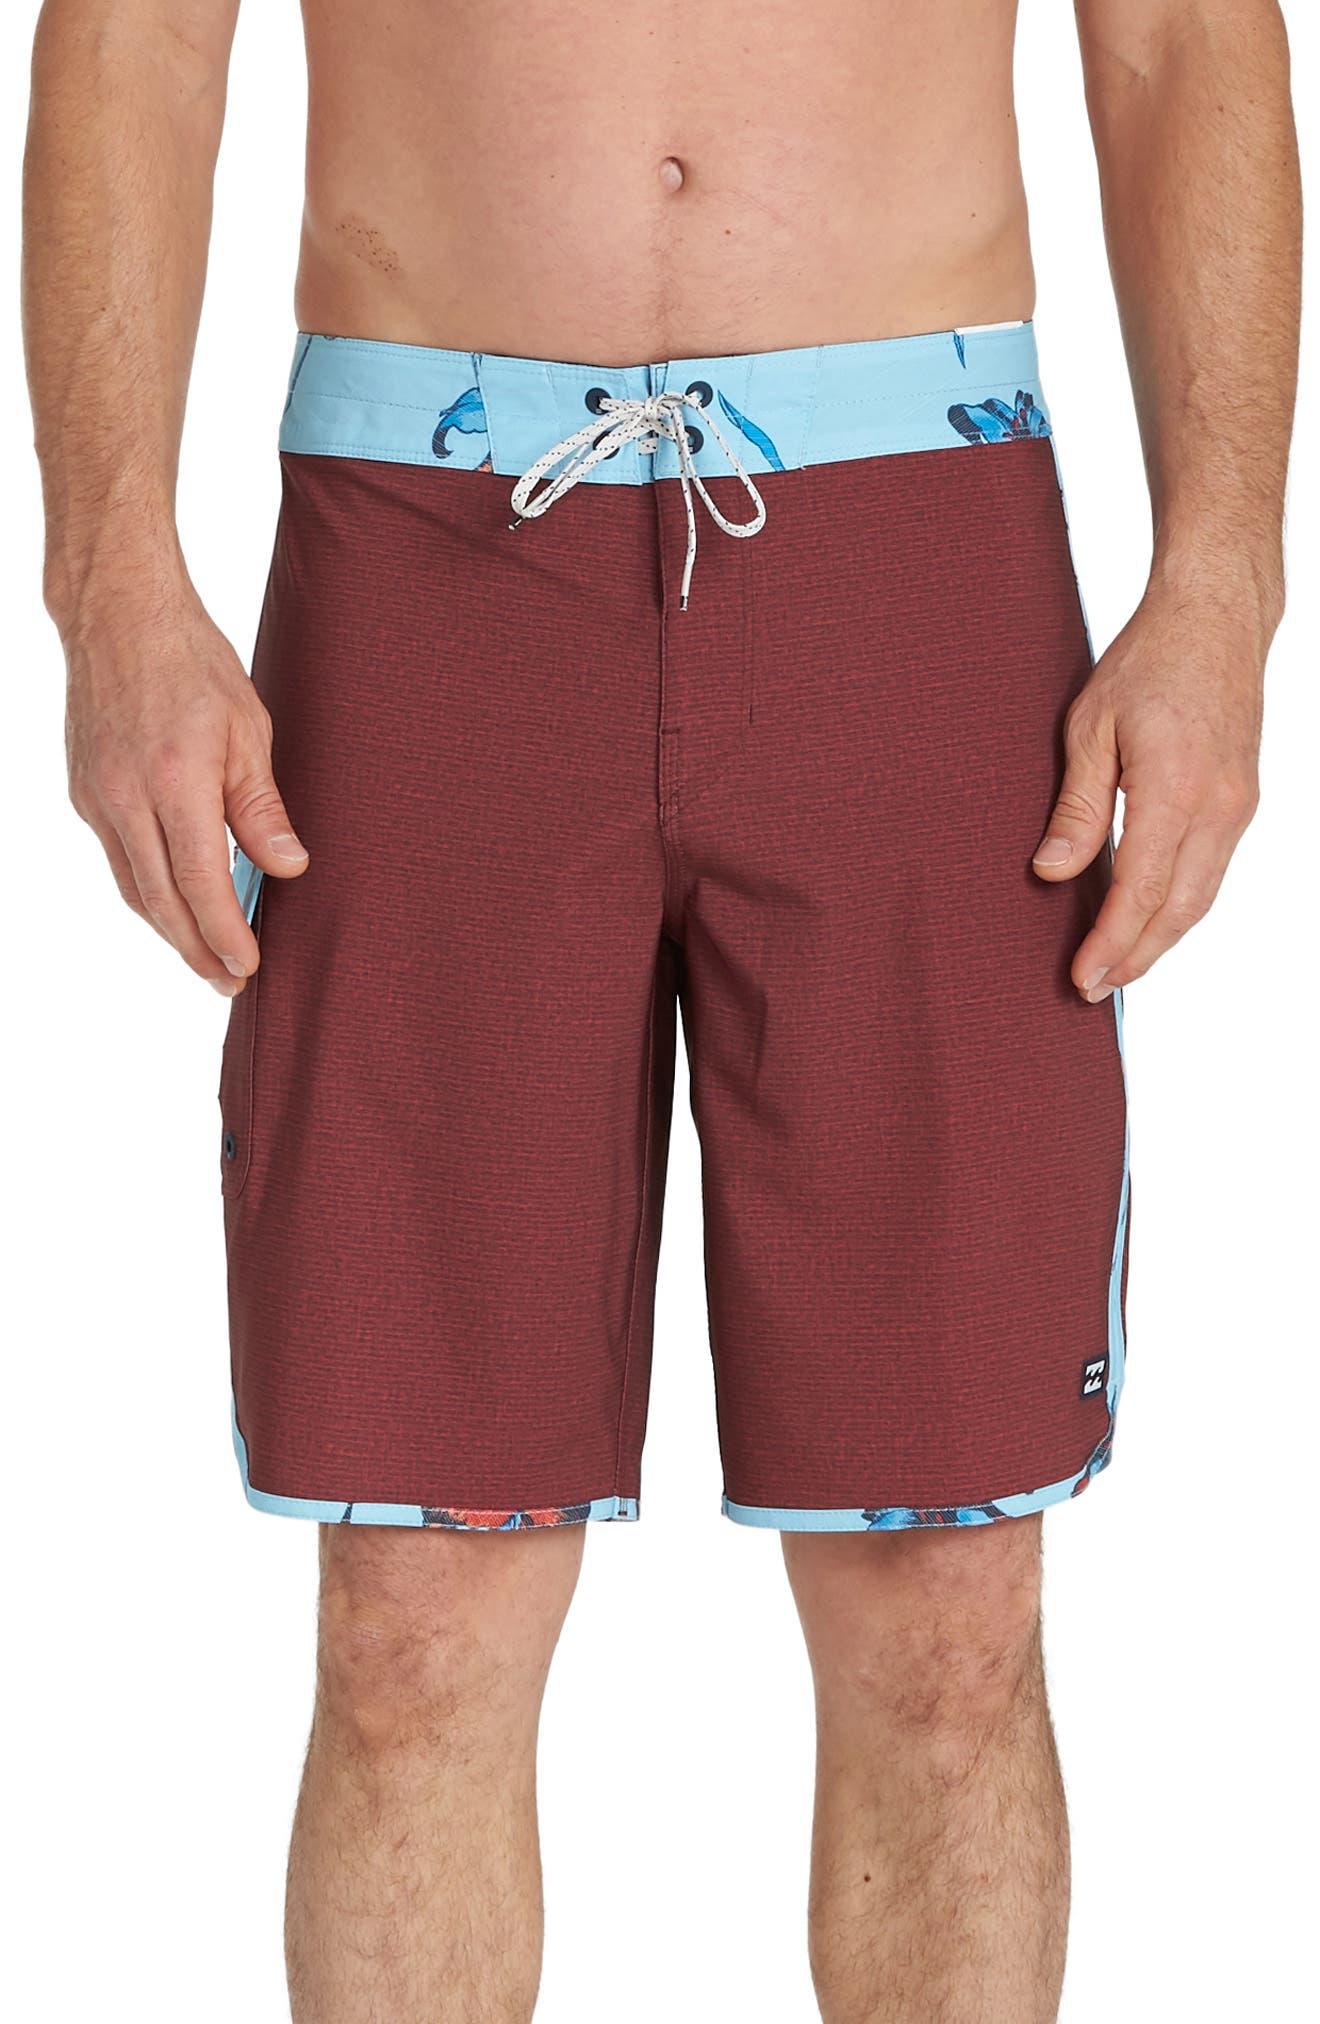 Billabong 73 Pro Board Shorts, Red